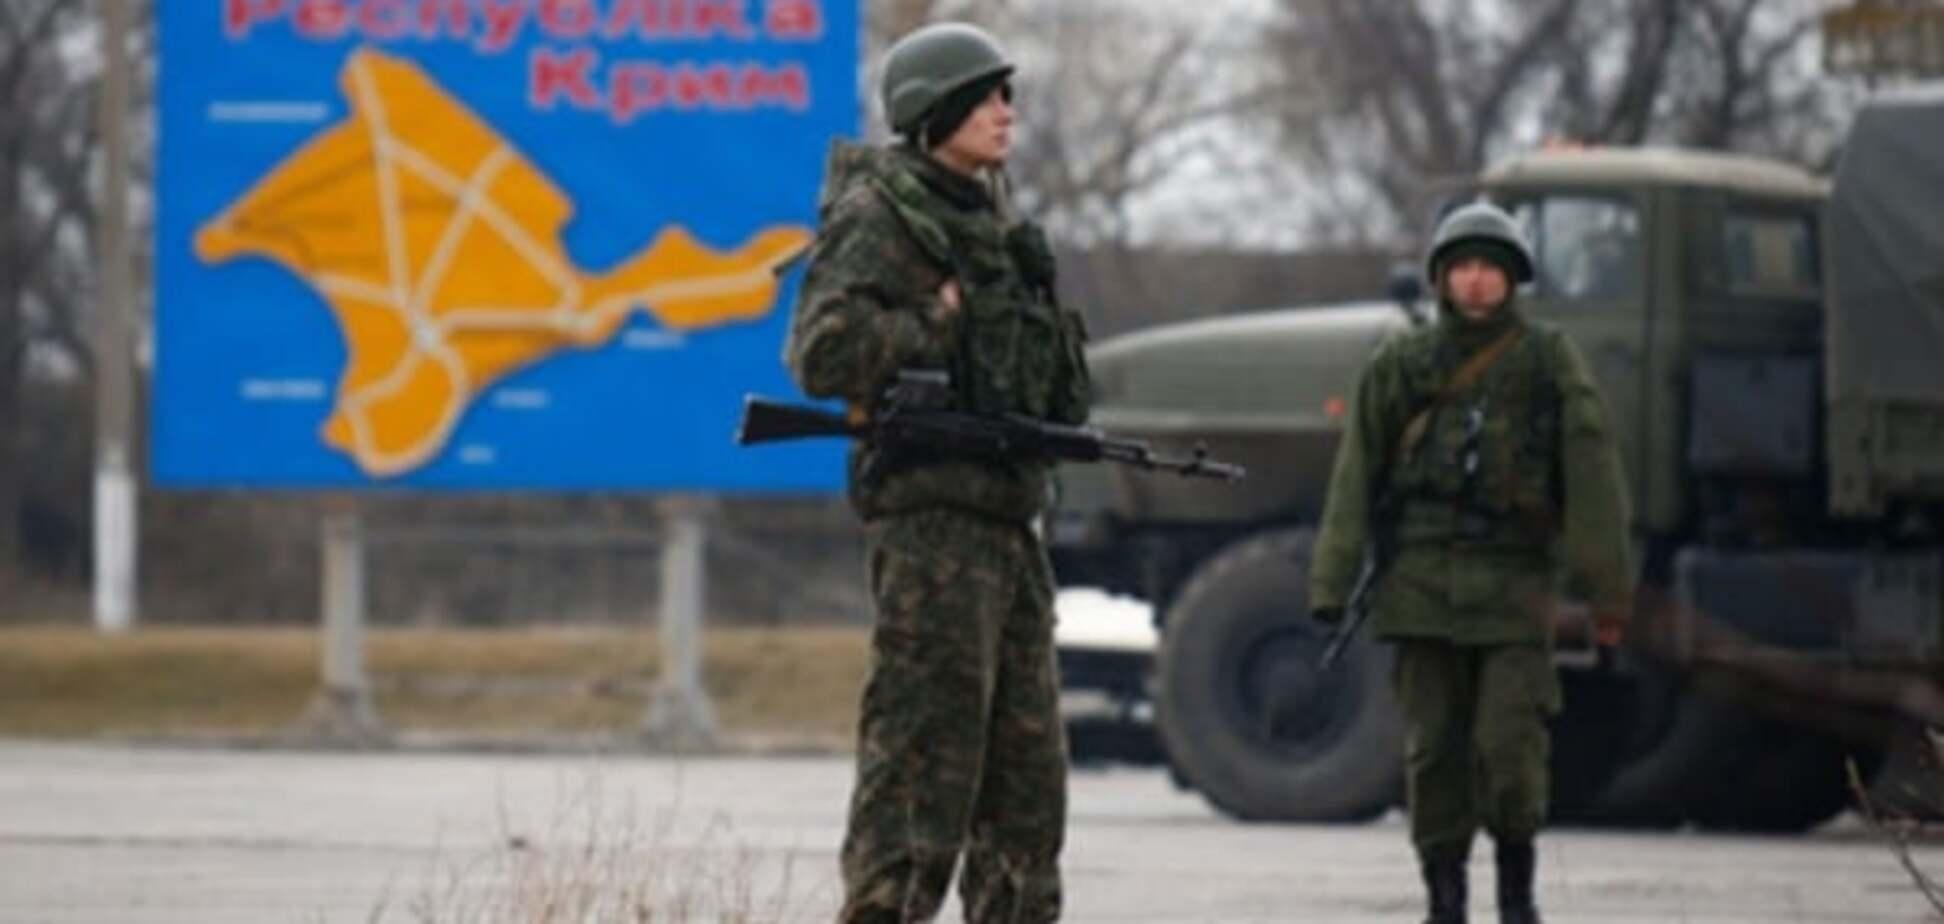 Три дня для Порошенко: блокадники потребовали внести вопрос Крыма в Минские соглашения